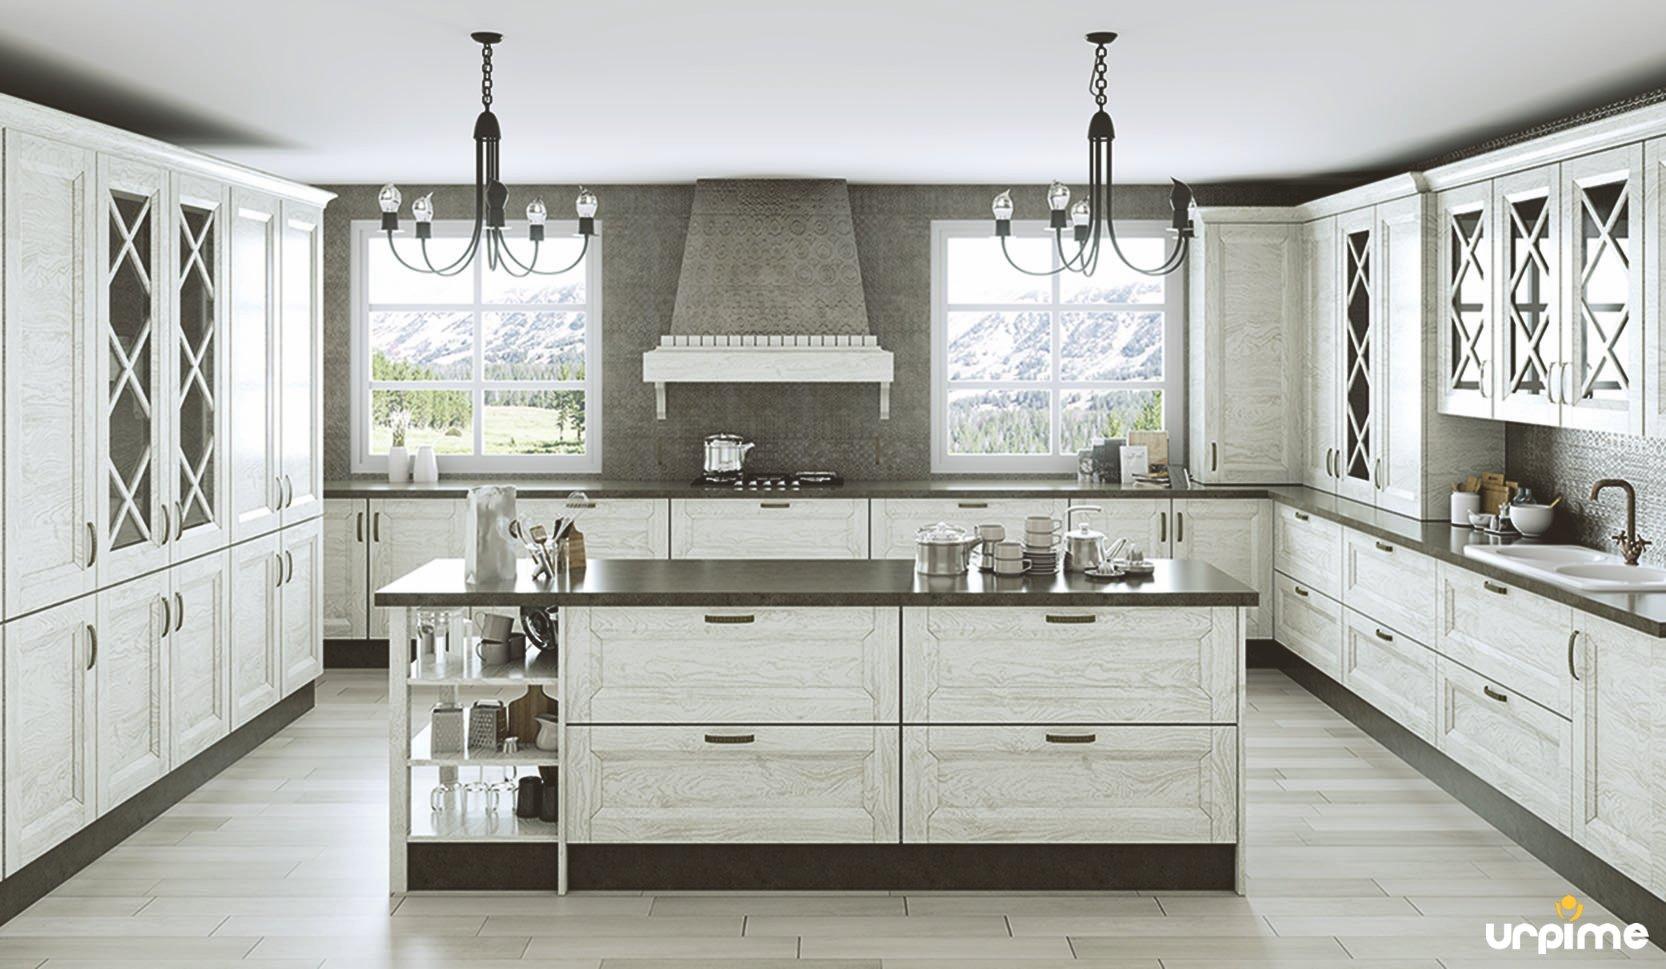 Como planificar una cocina amazing hermoso ikea cocina fotos como planificar la planificar - Planificar una cocina ...